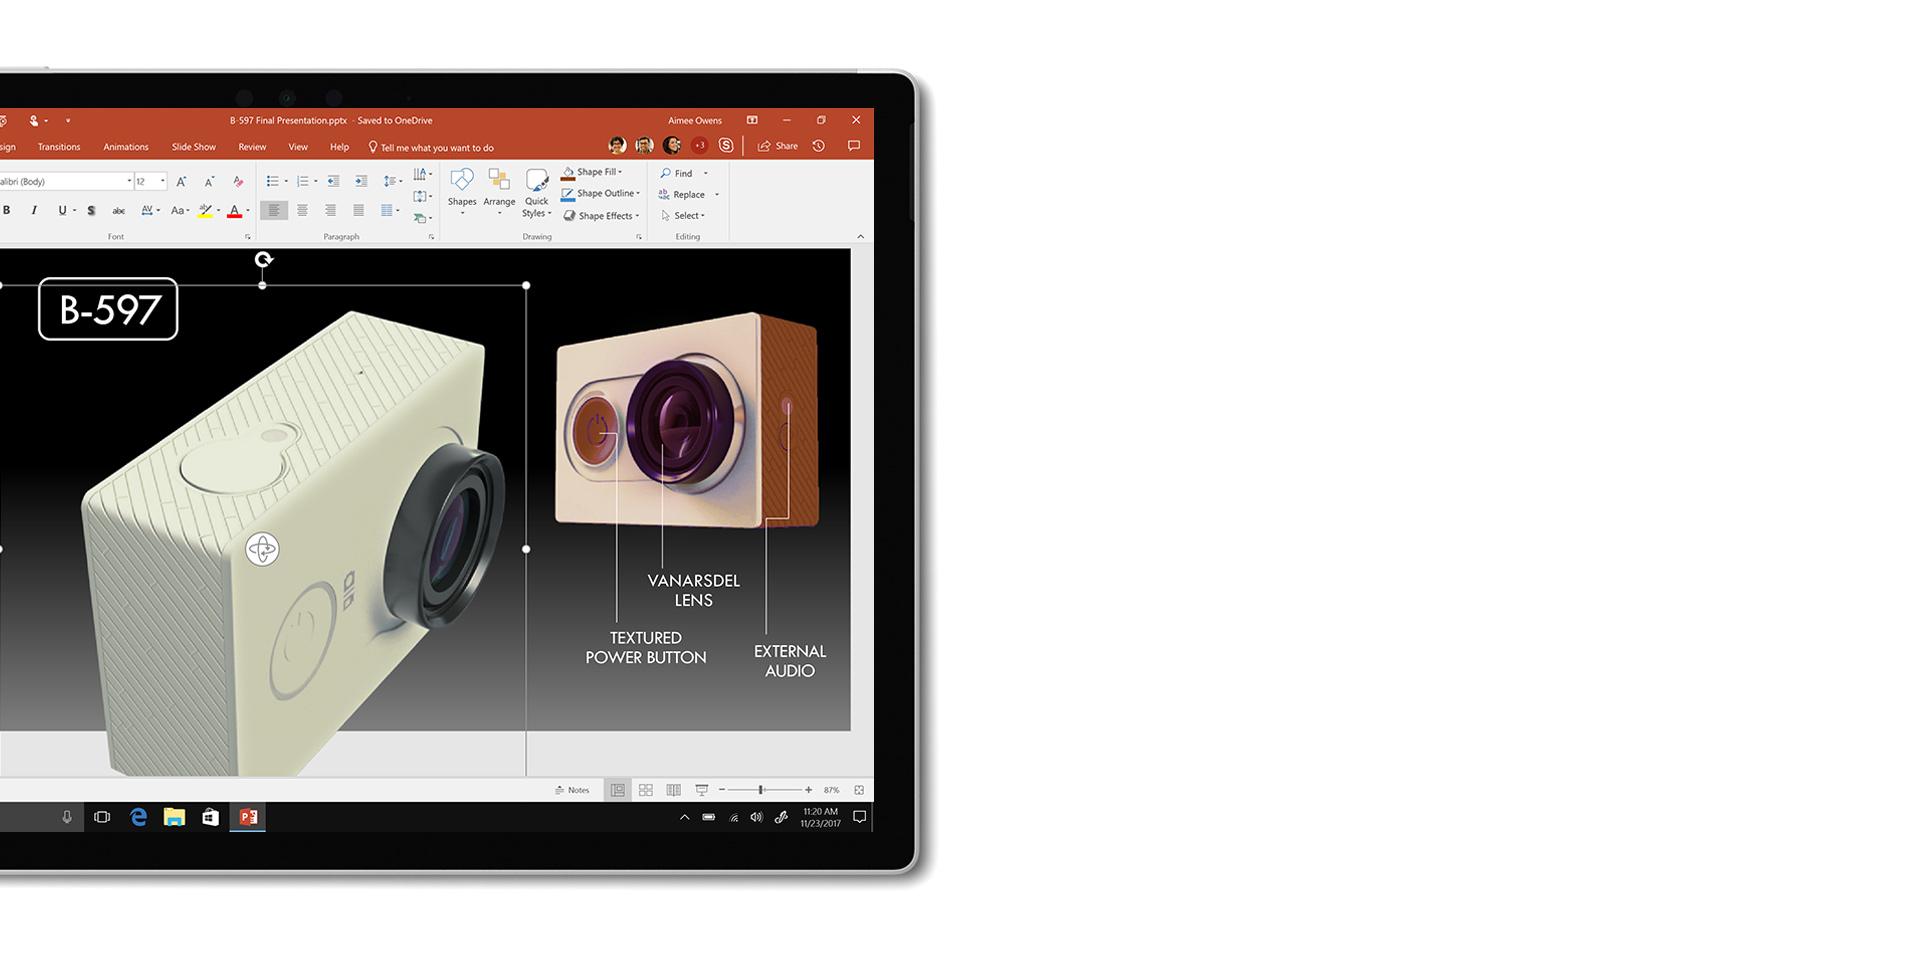 Aplicação PowerPoint mostrada no ecrã do Surface Book 2, separado do teclado.